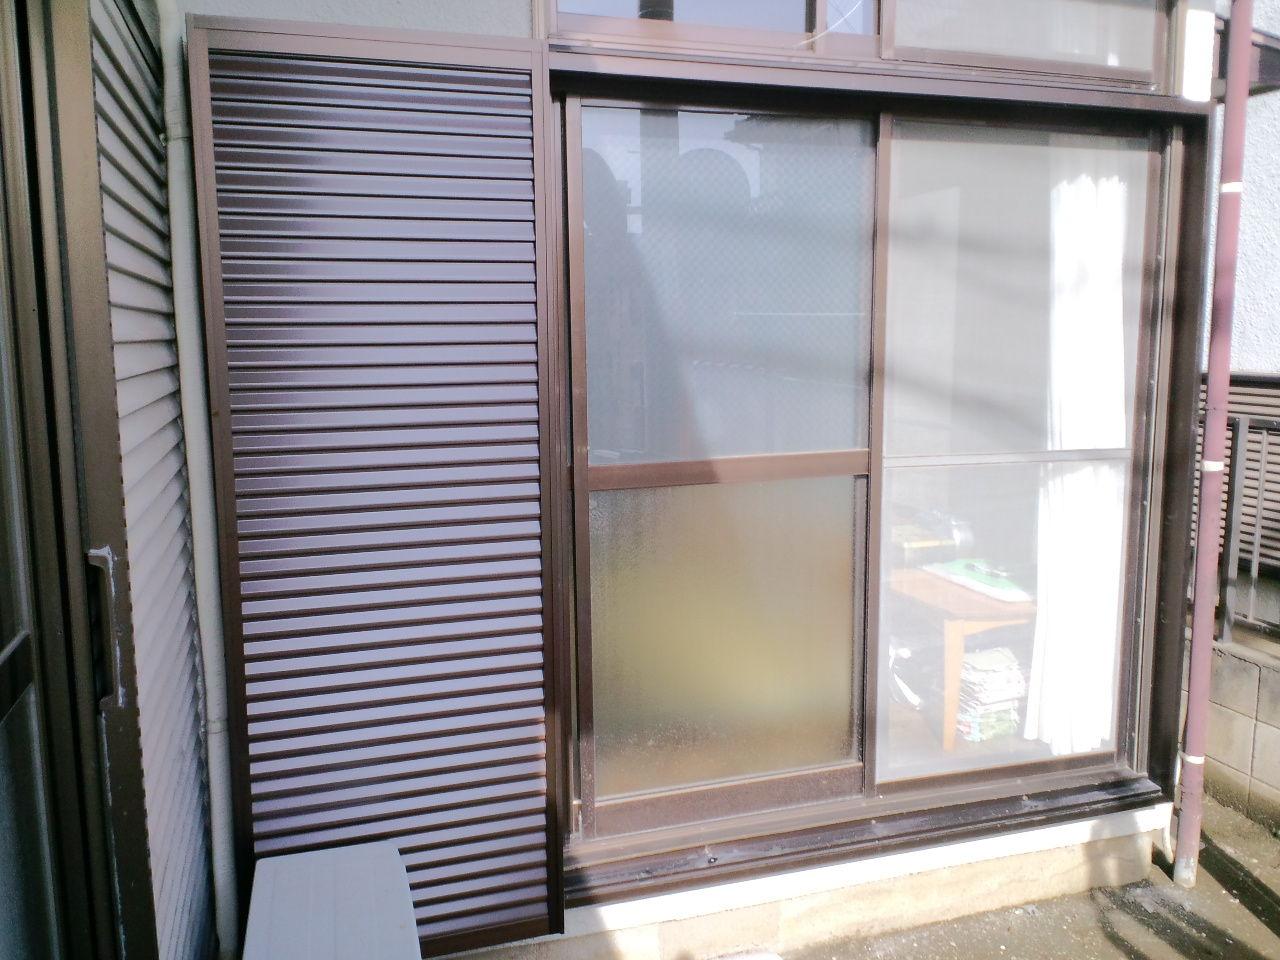 戸袋を取り付けるスペースが狭かったので、戸袋と雨戸を特注で幅を狭くして、... 大川ガラス 工事